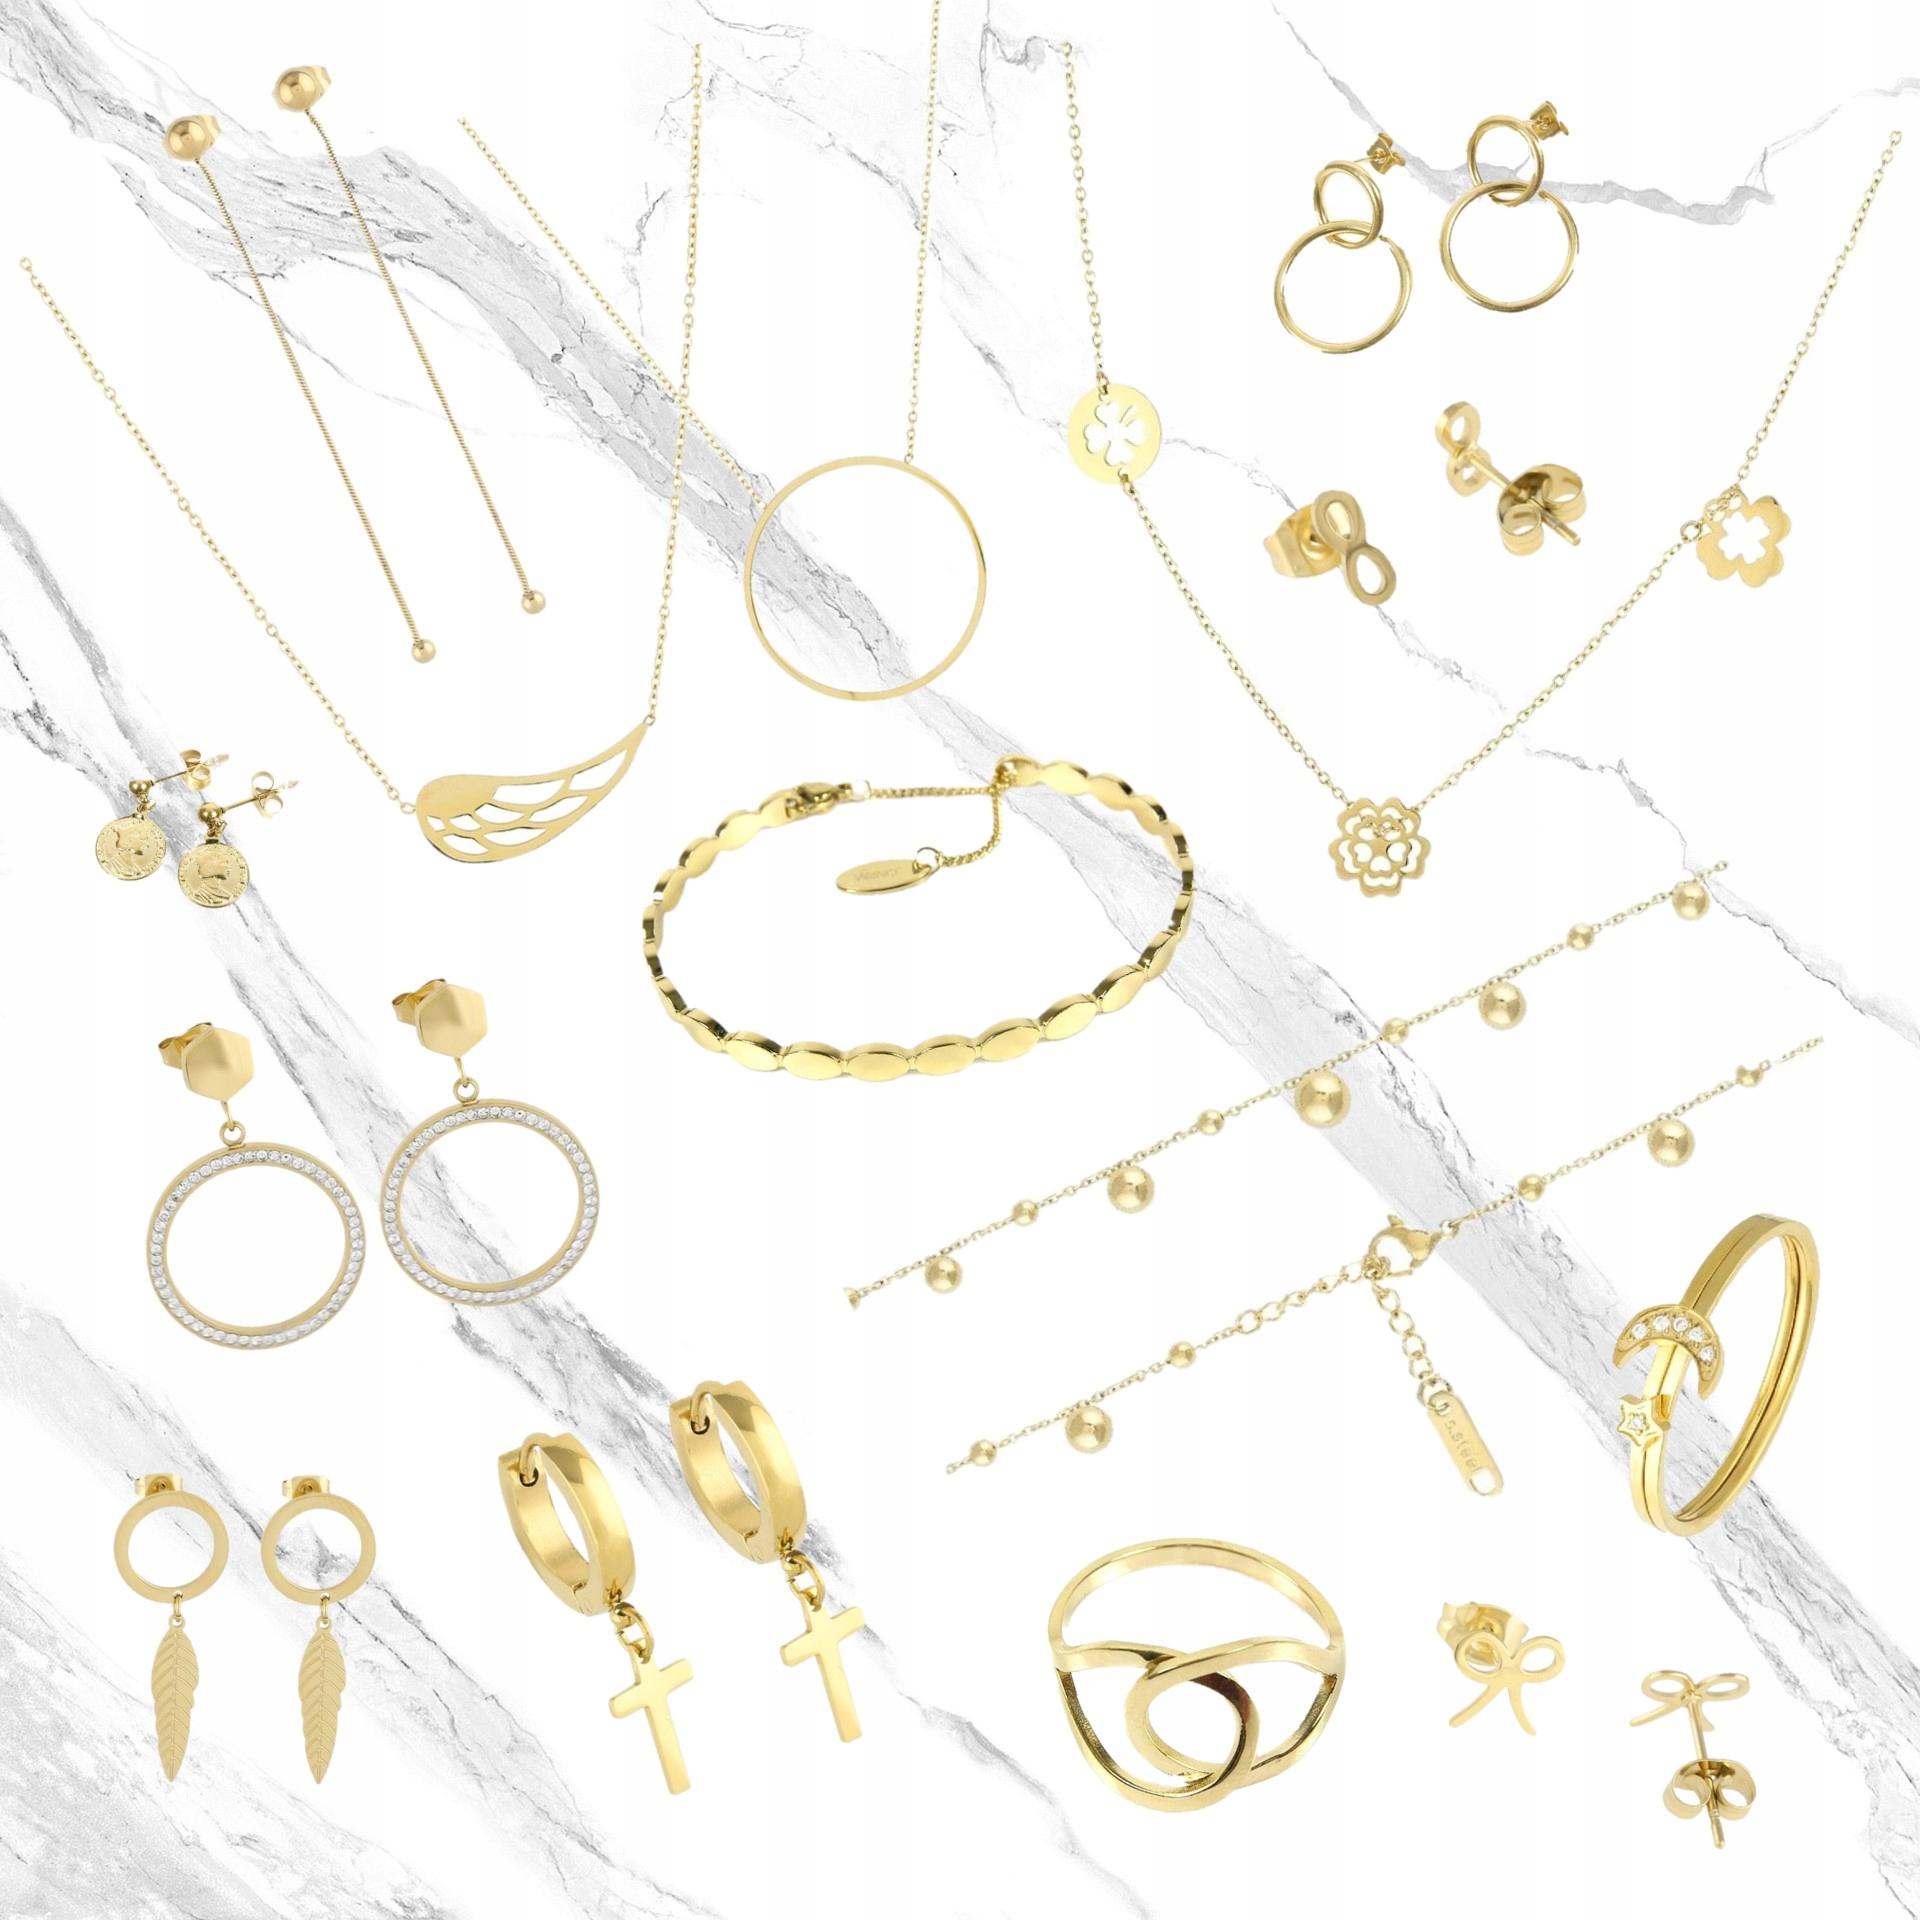 Złota bransoletka stal chirurgiczna łańcuch ogniwa 9444149391 eCsHNYWv